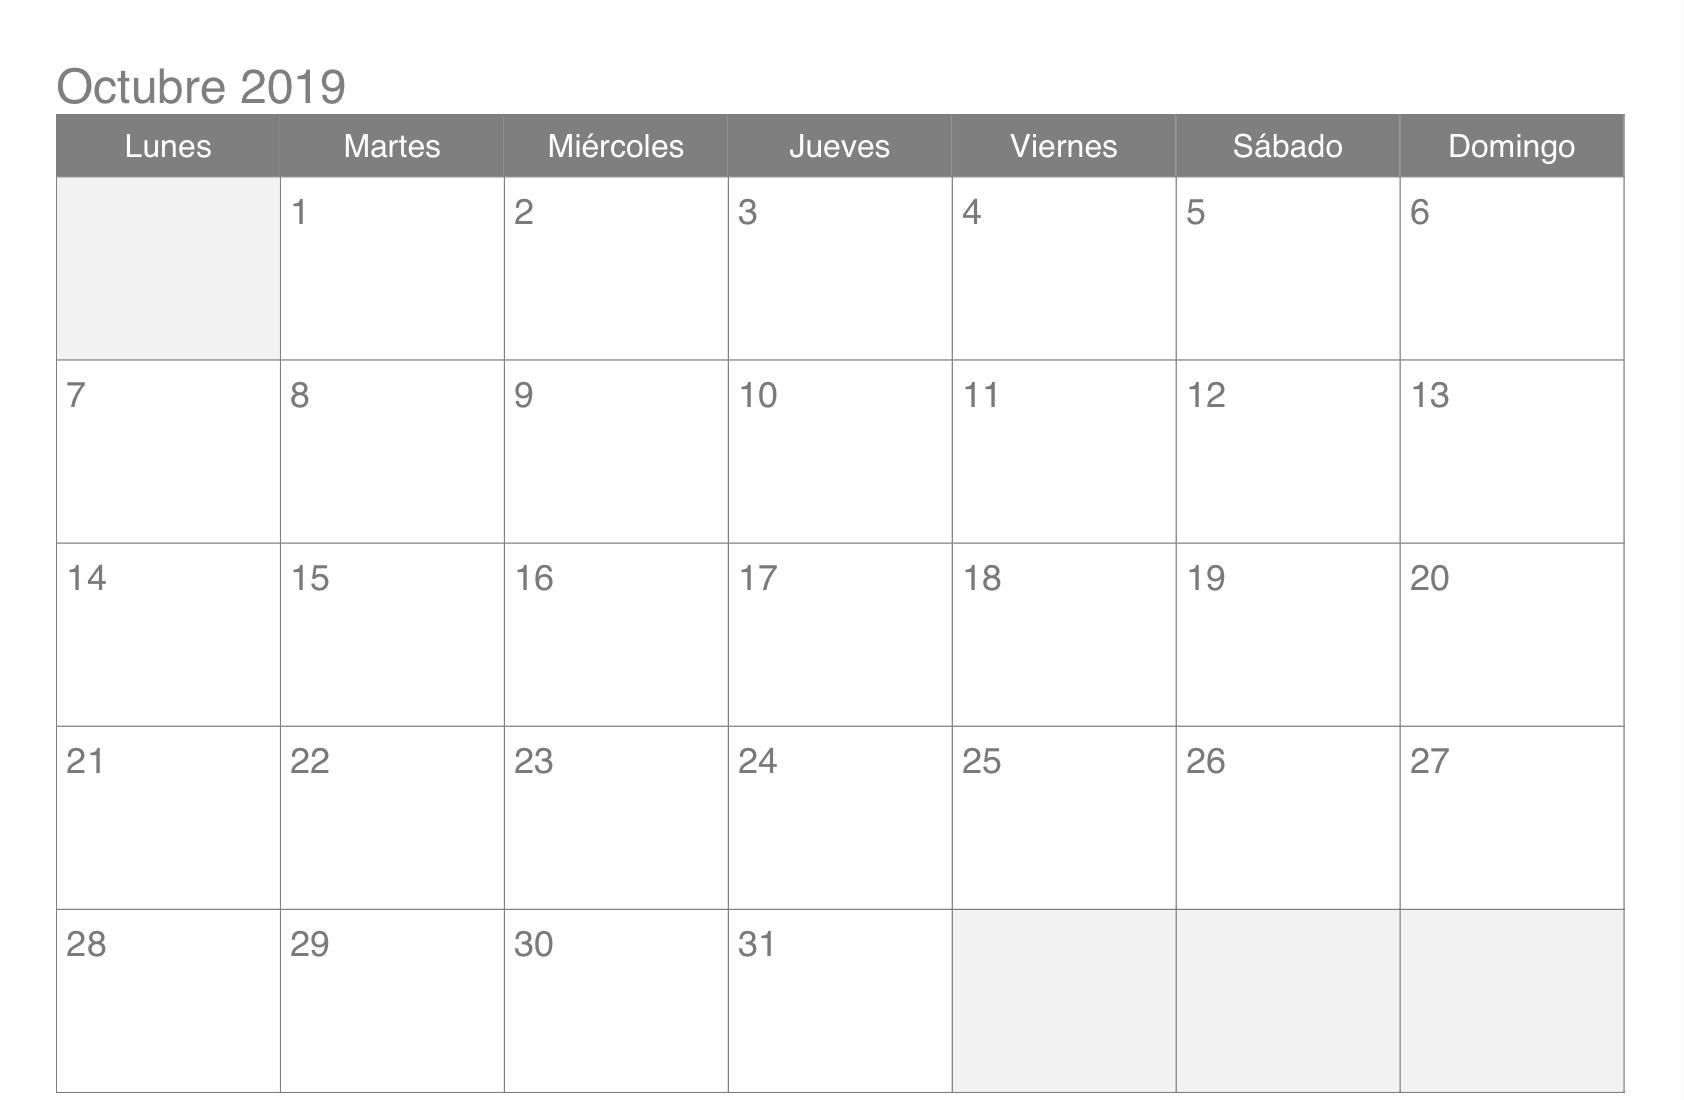 Calendario de octubre de 2019 imprimible